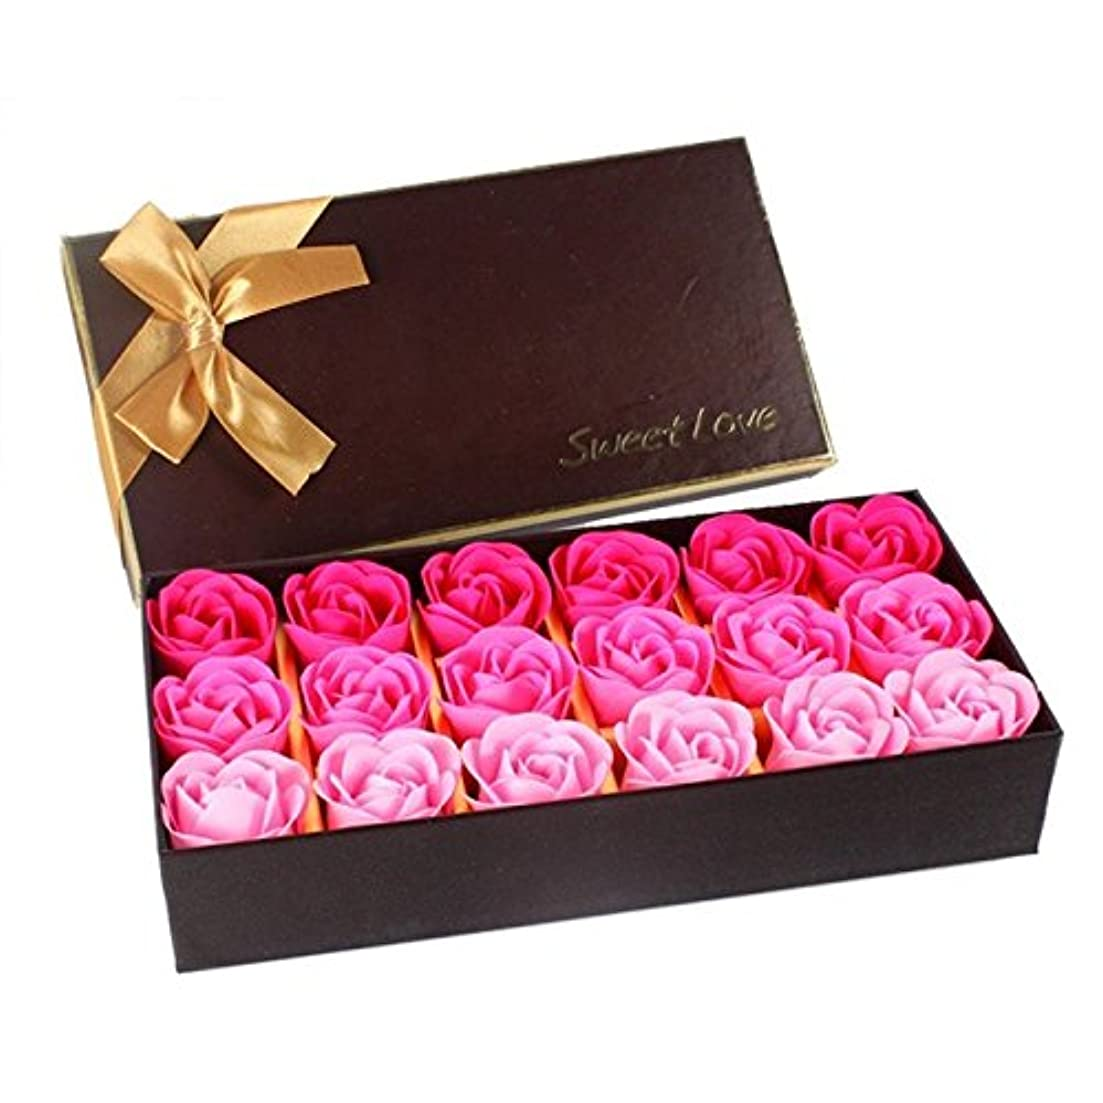 ローズ フラワーソープ 石鹸 薔薇 プレゼント お祝い ① #333